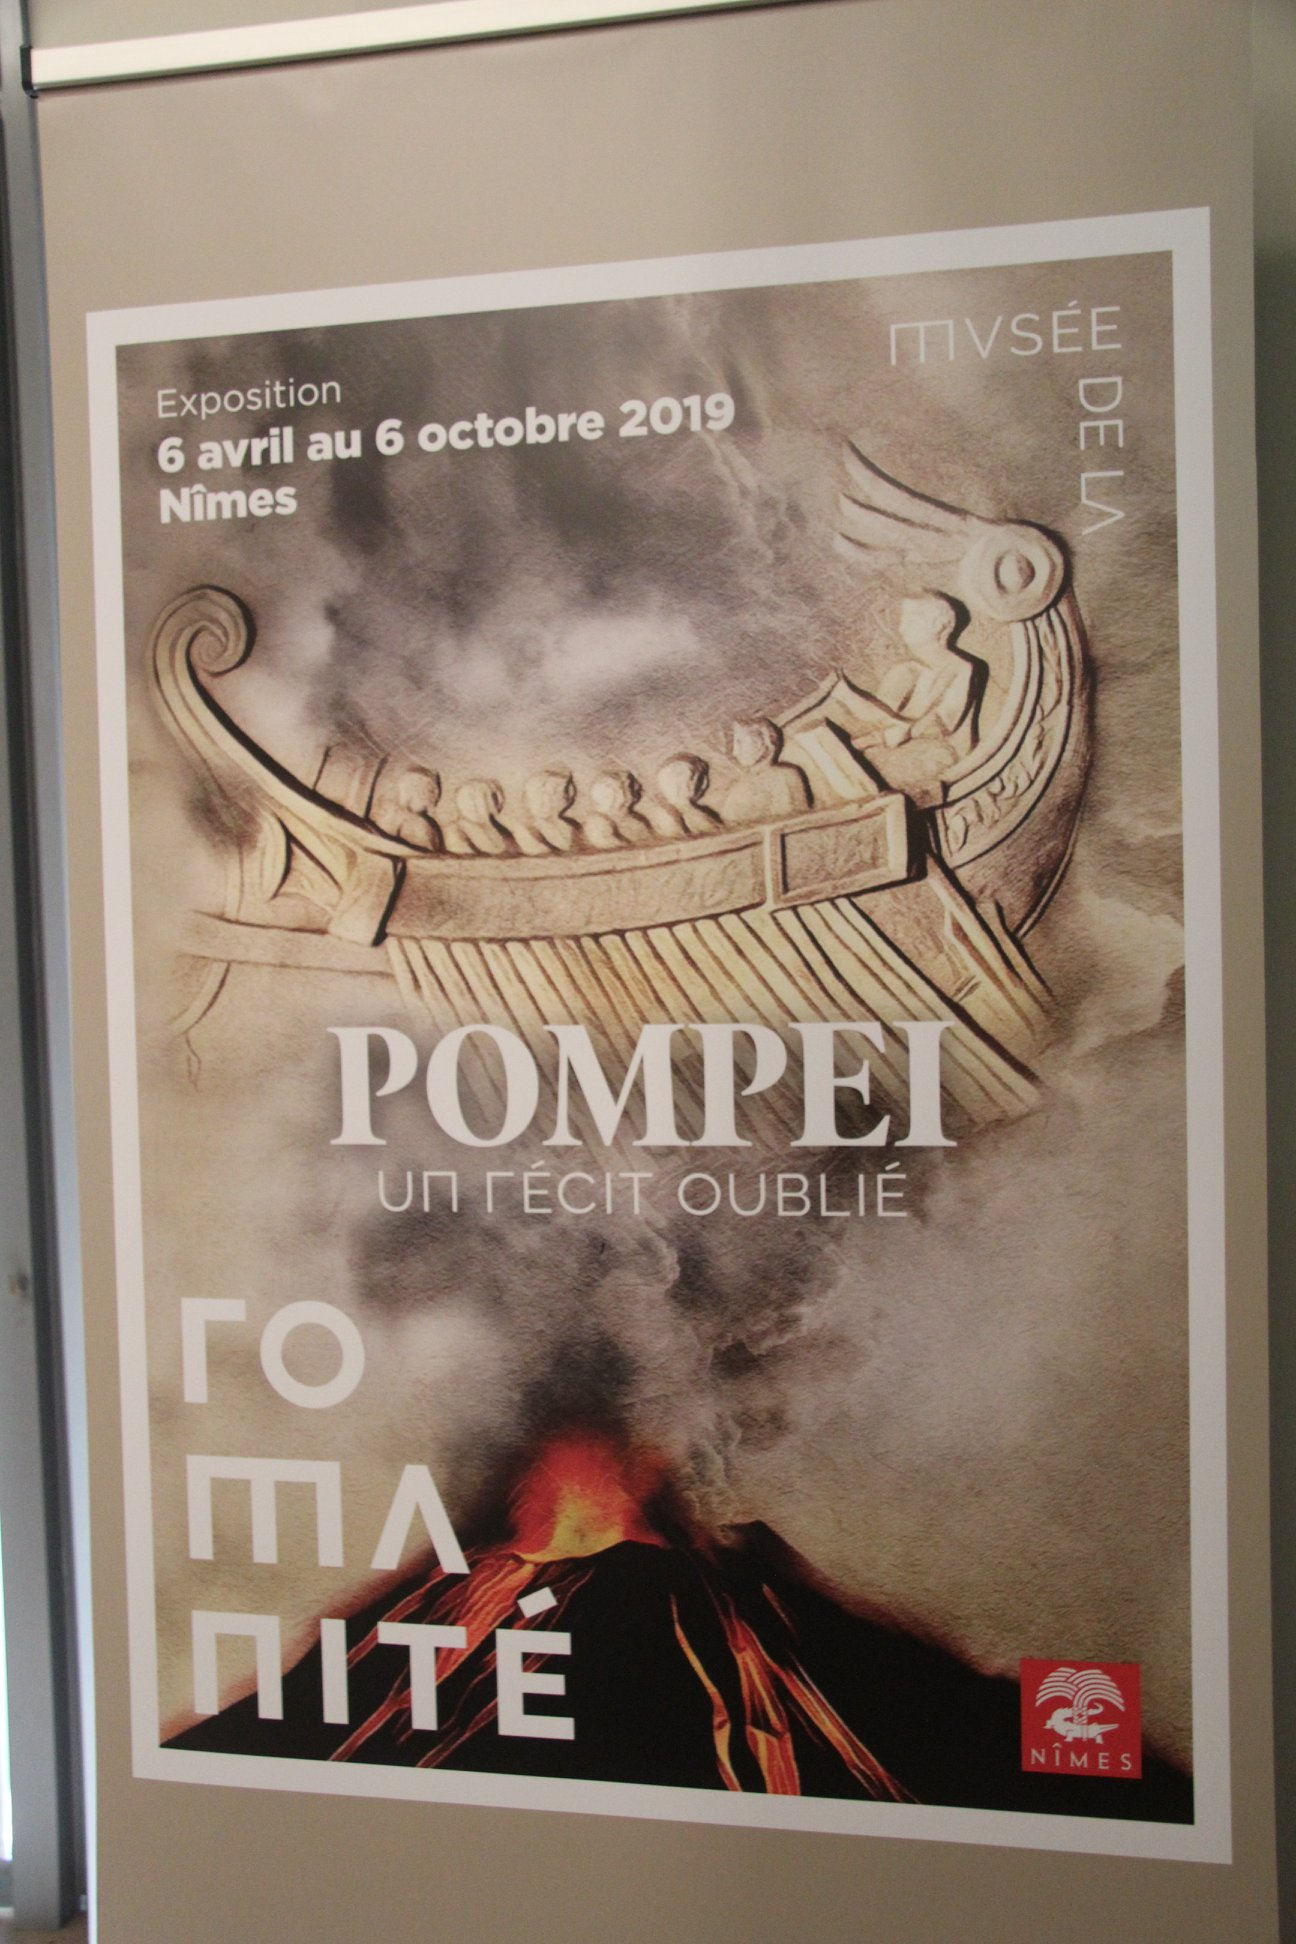 Romanité_pompei-16